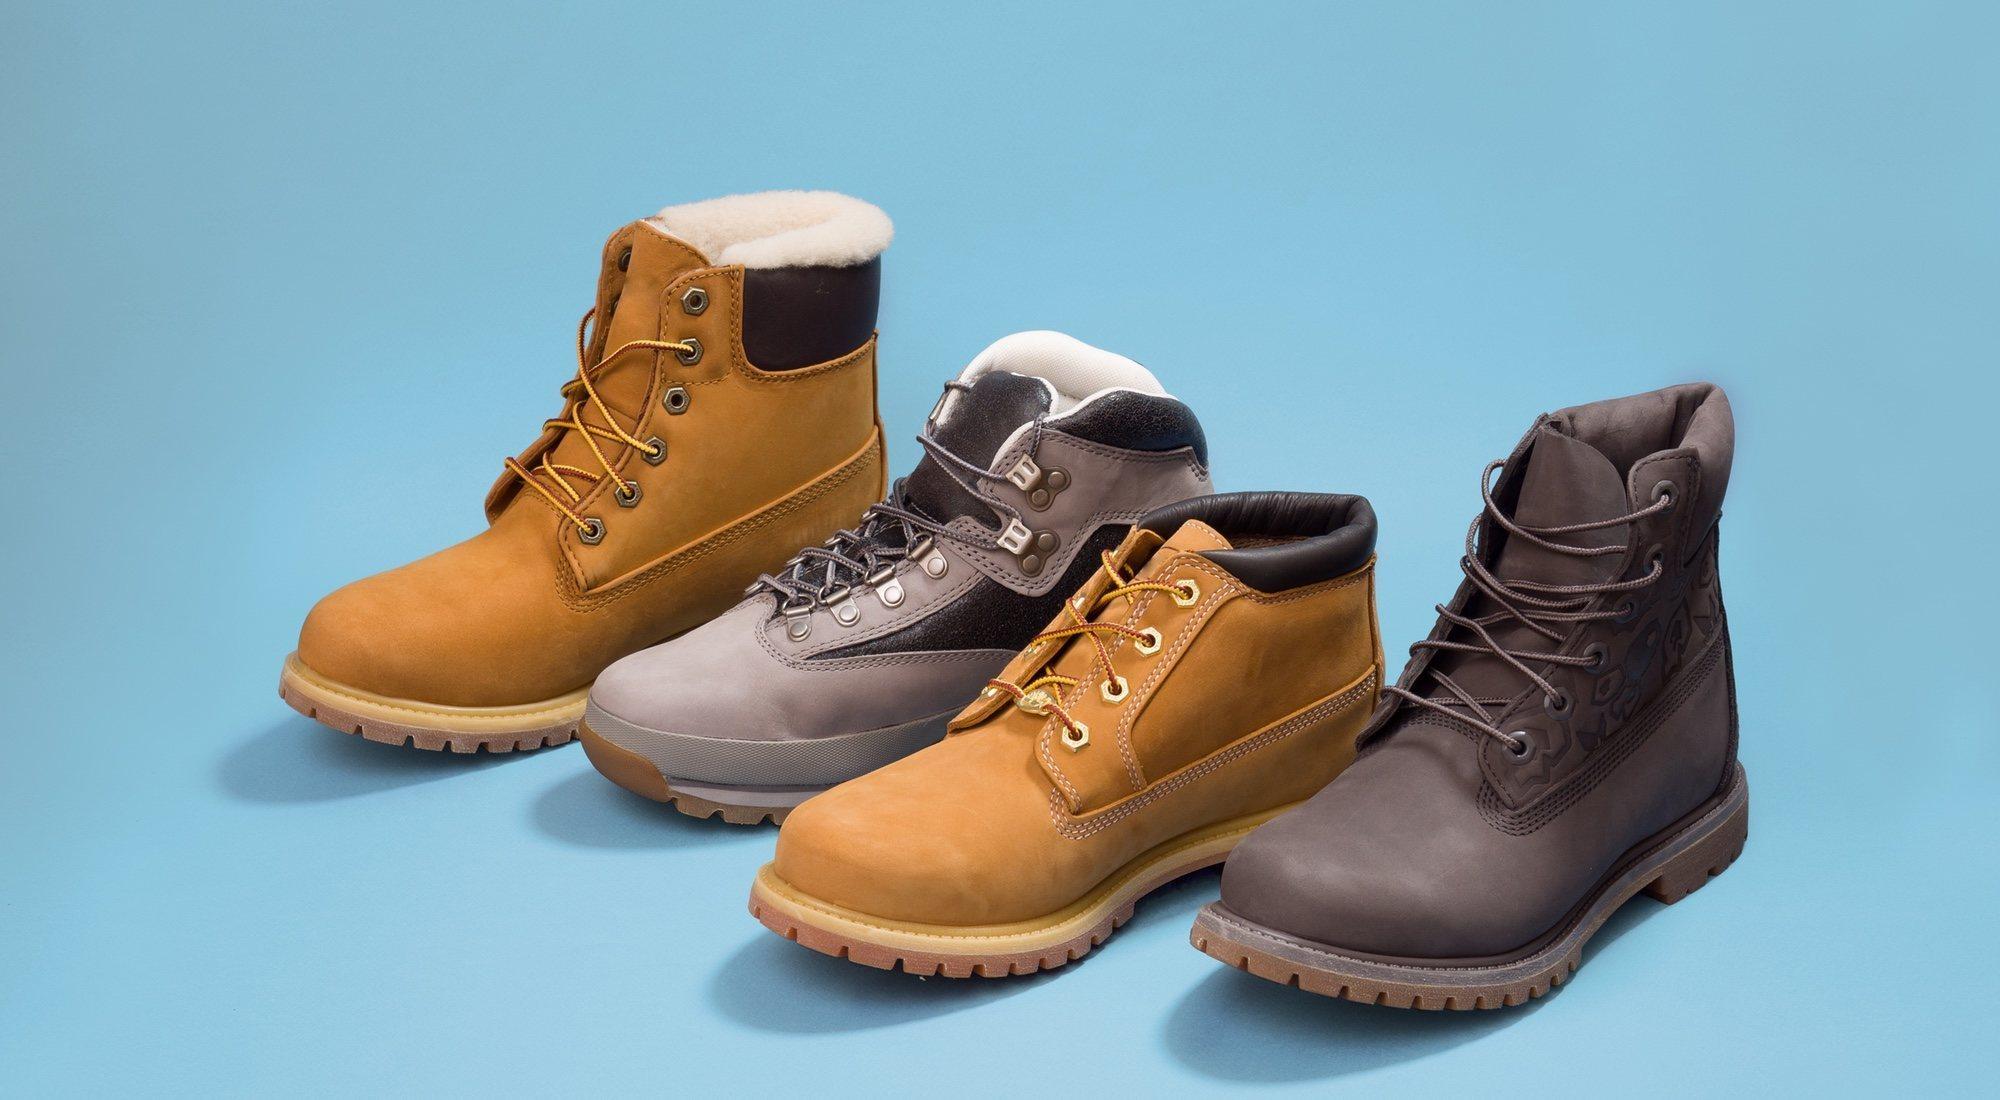 Las botas que usarán los hombres en otoño-invierno